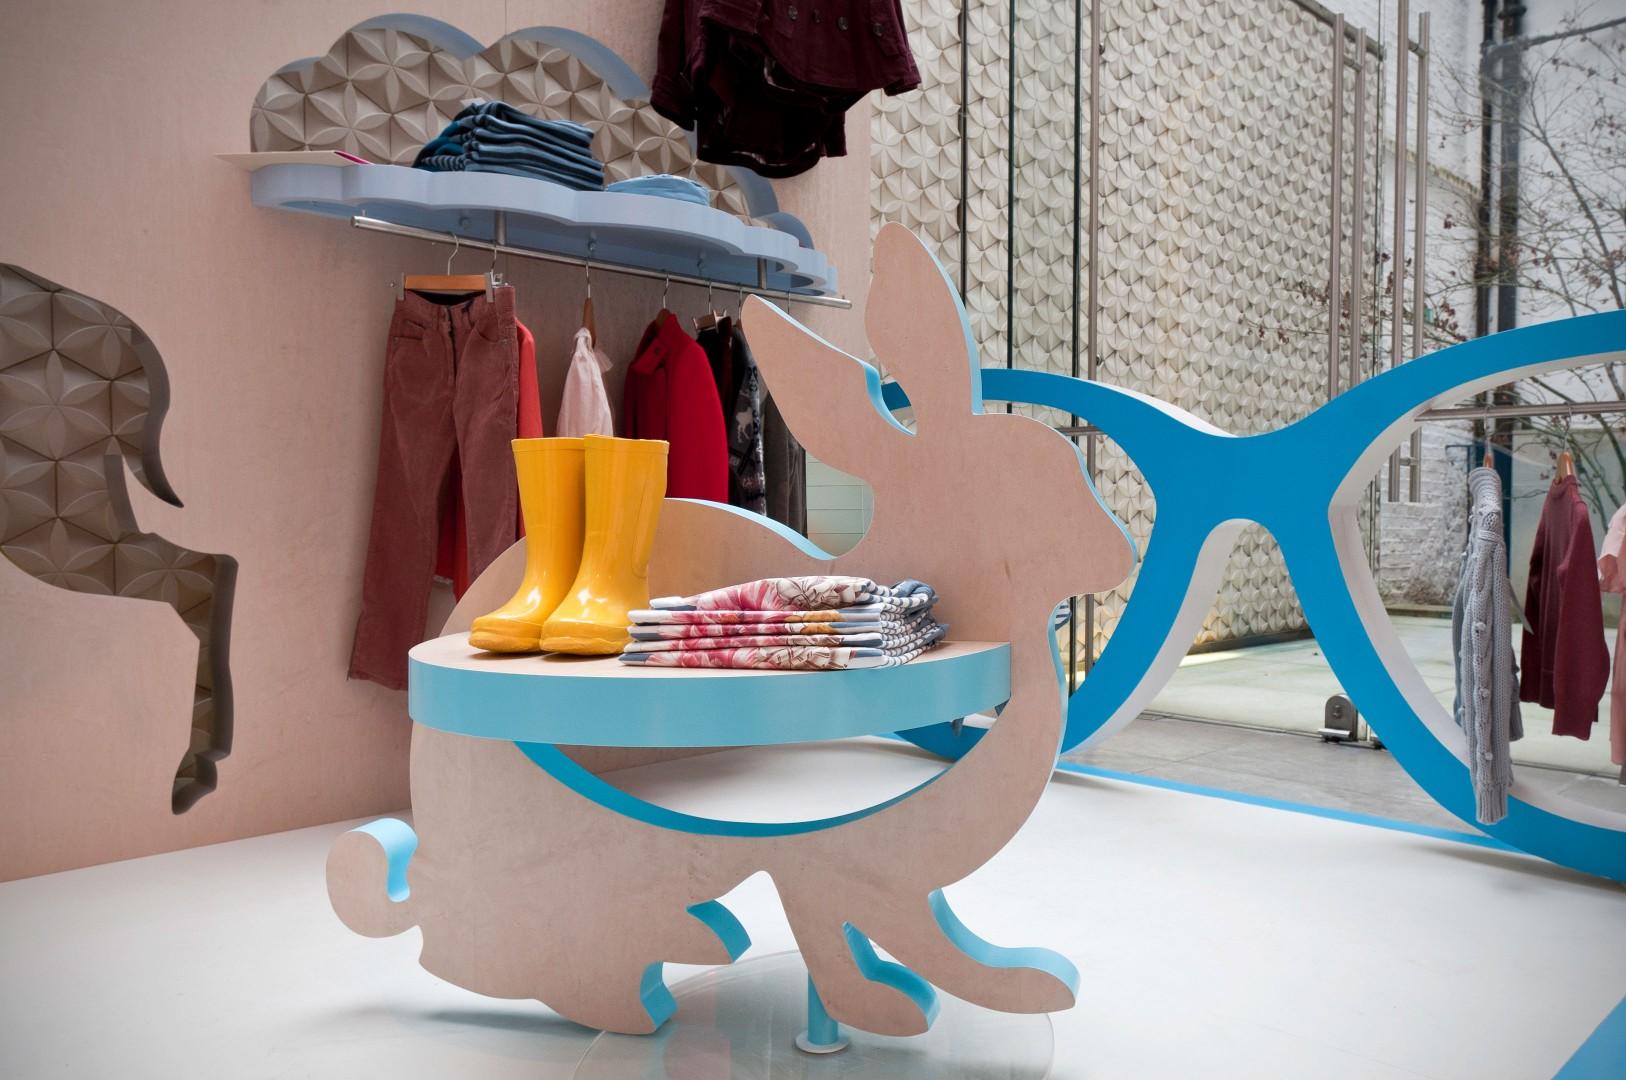 Витрина детского магазина одежды